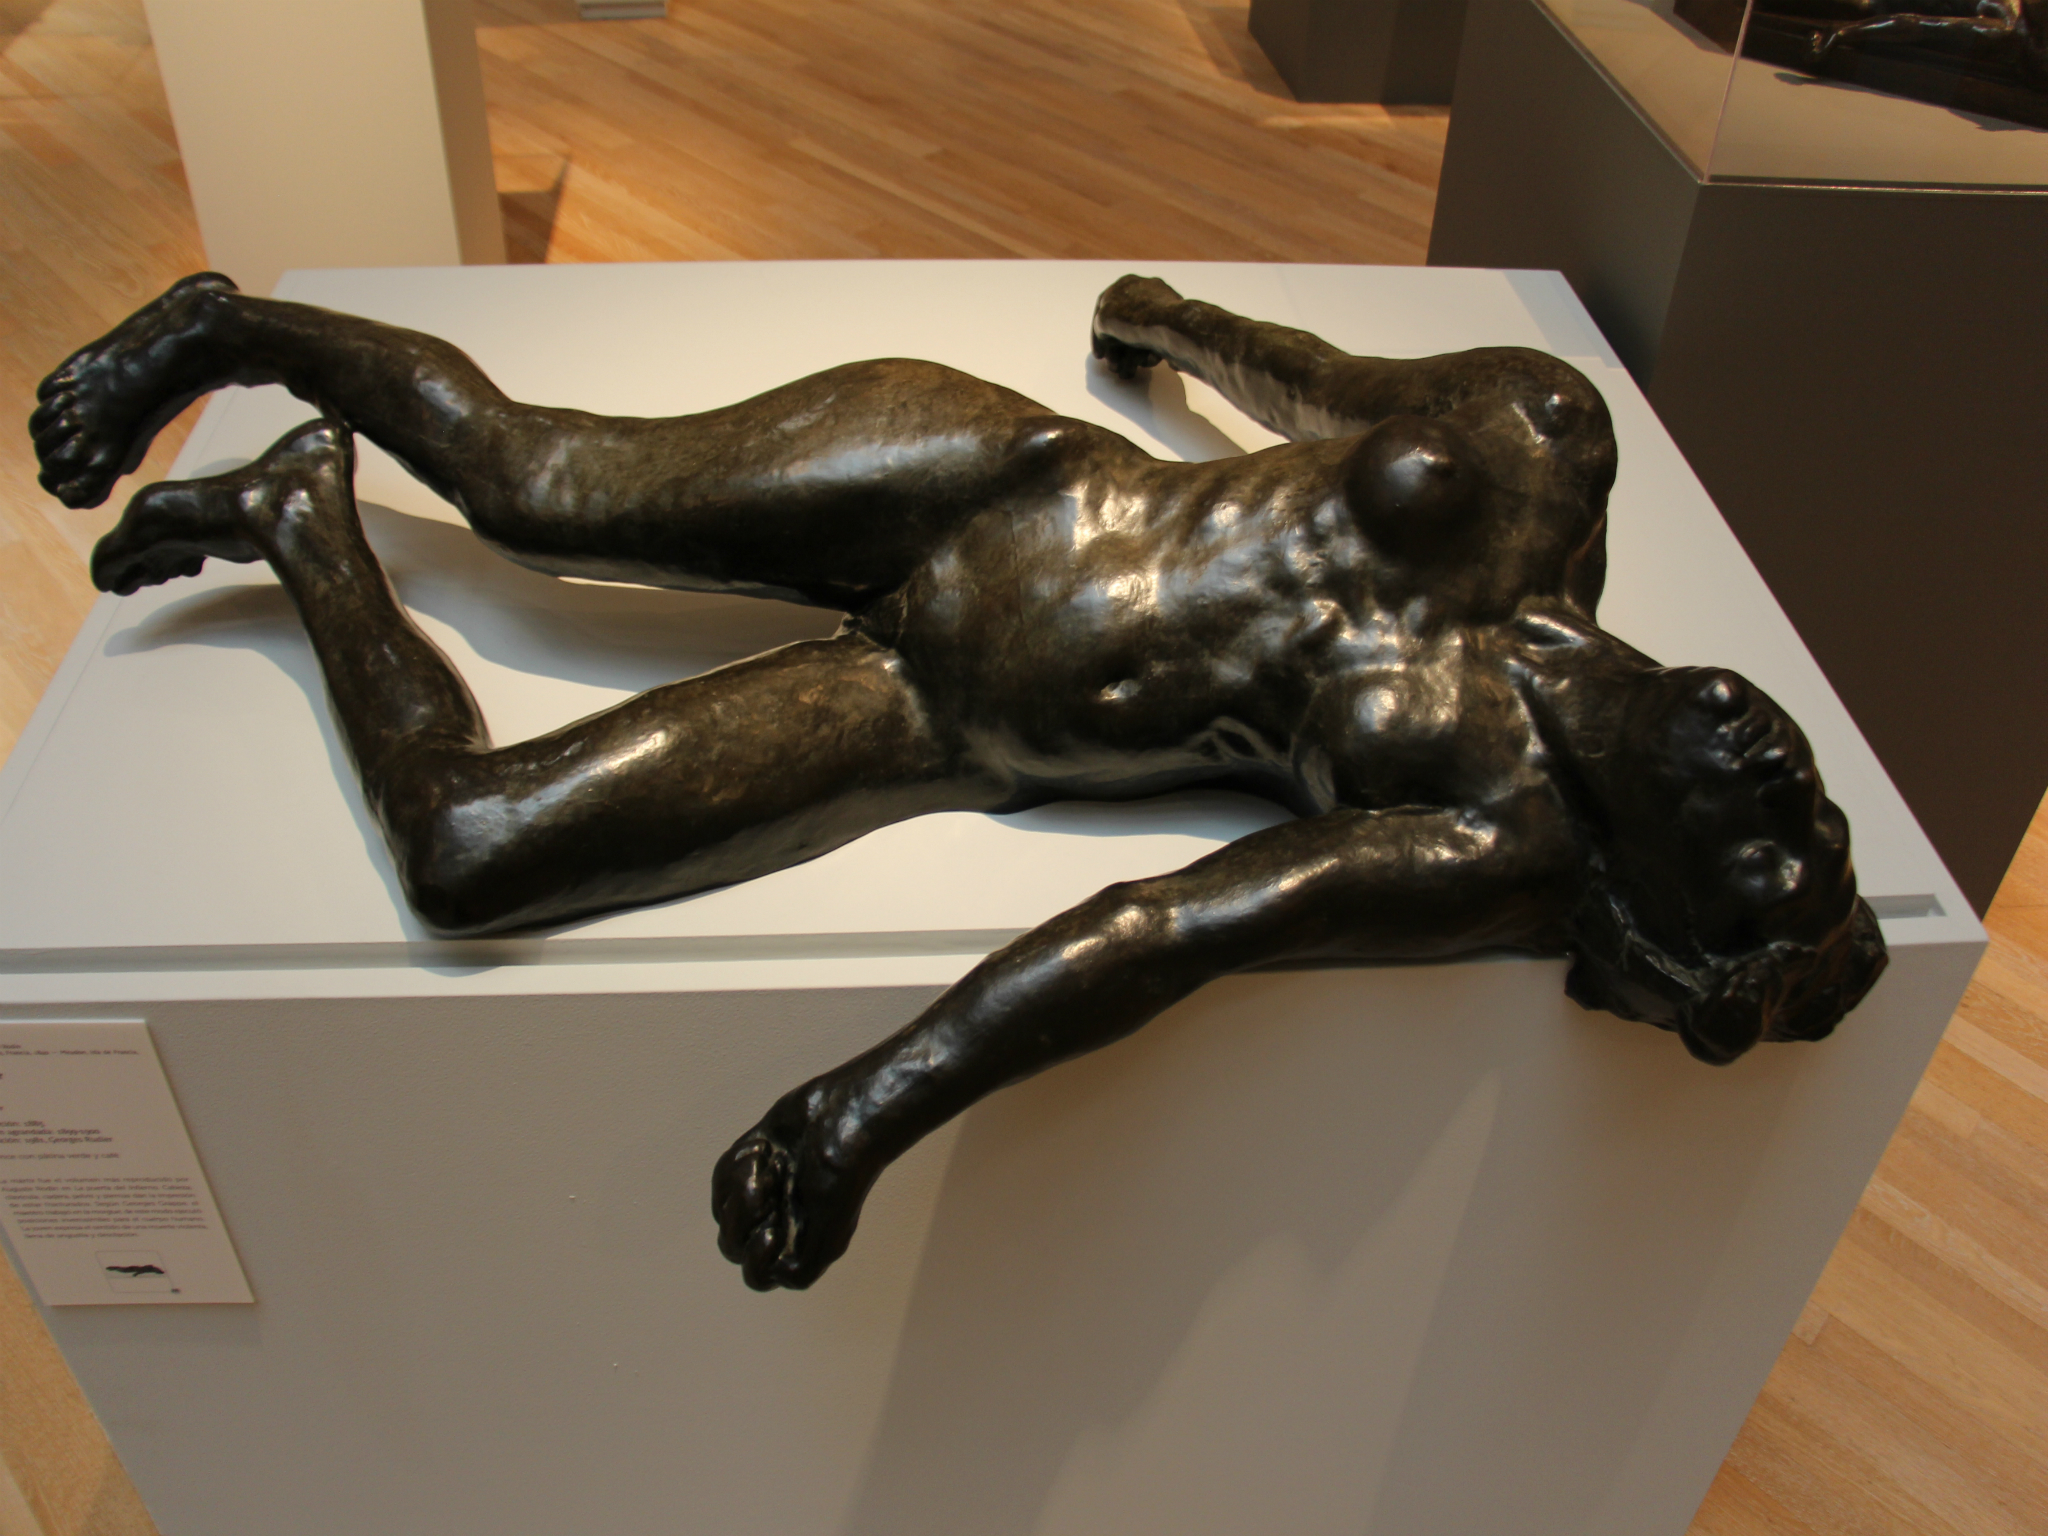 La mártir de Auguste Rodin en el Museo Soumaya